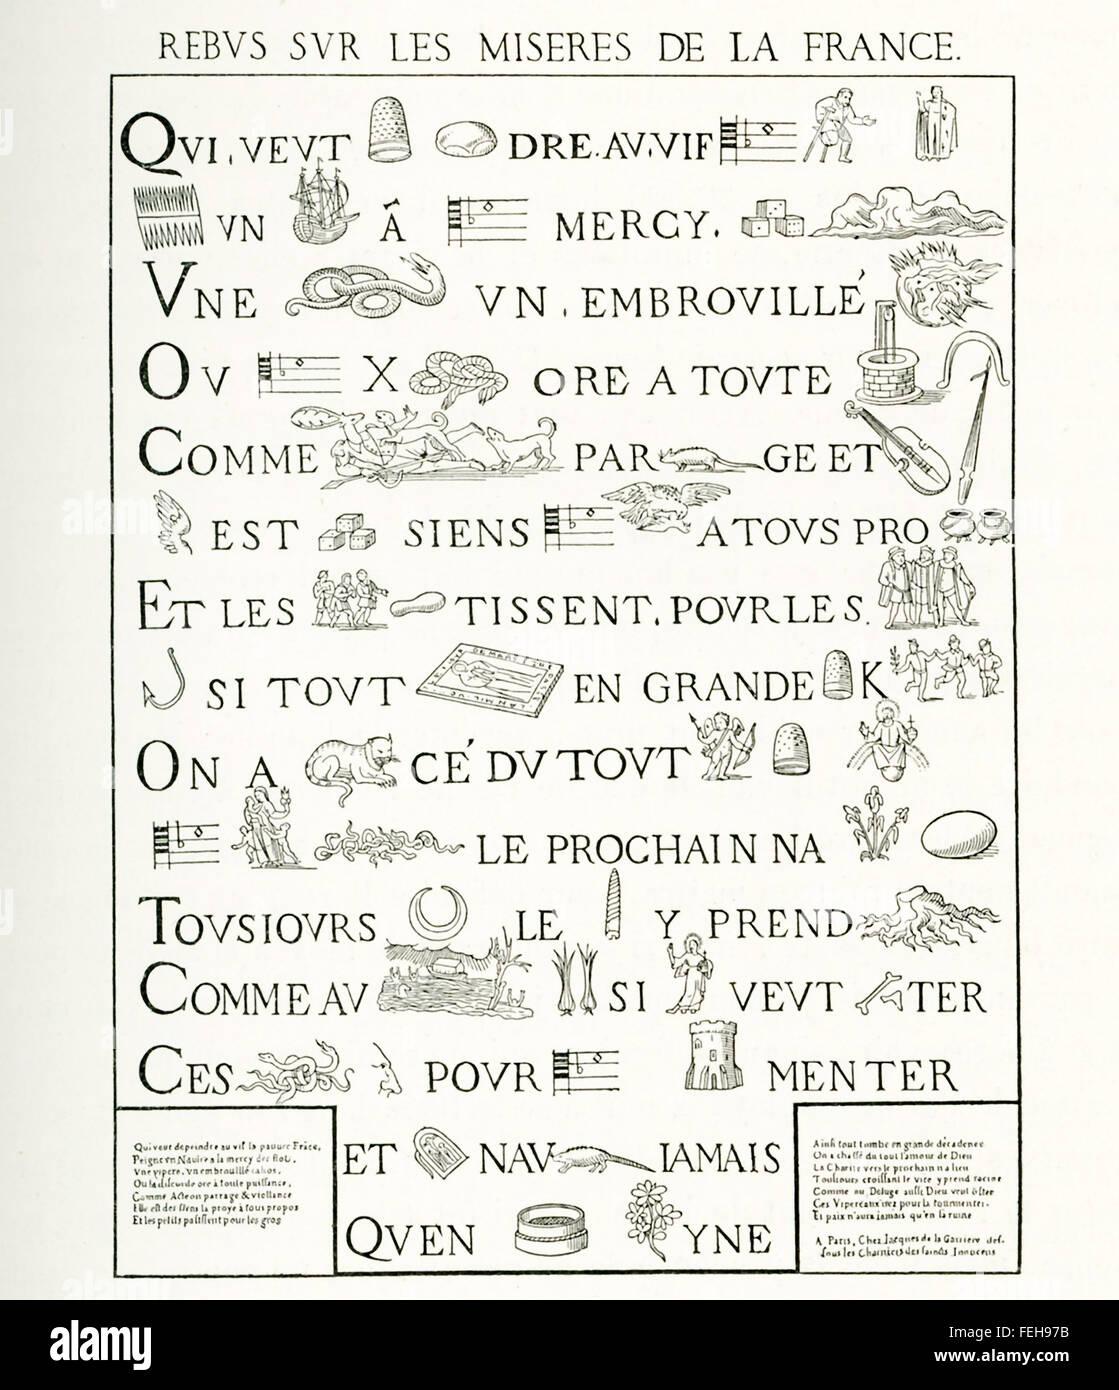 Este francés allusional rebus (dispositivo que utiliza imágenes para representar palabras o partes de palabras) Foto de stock